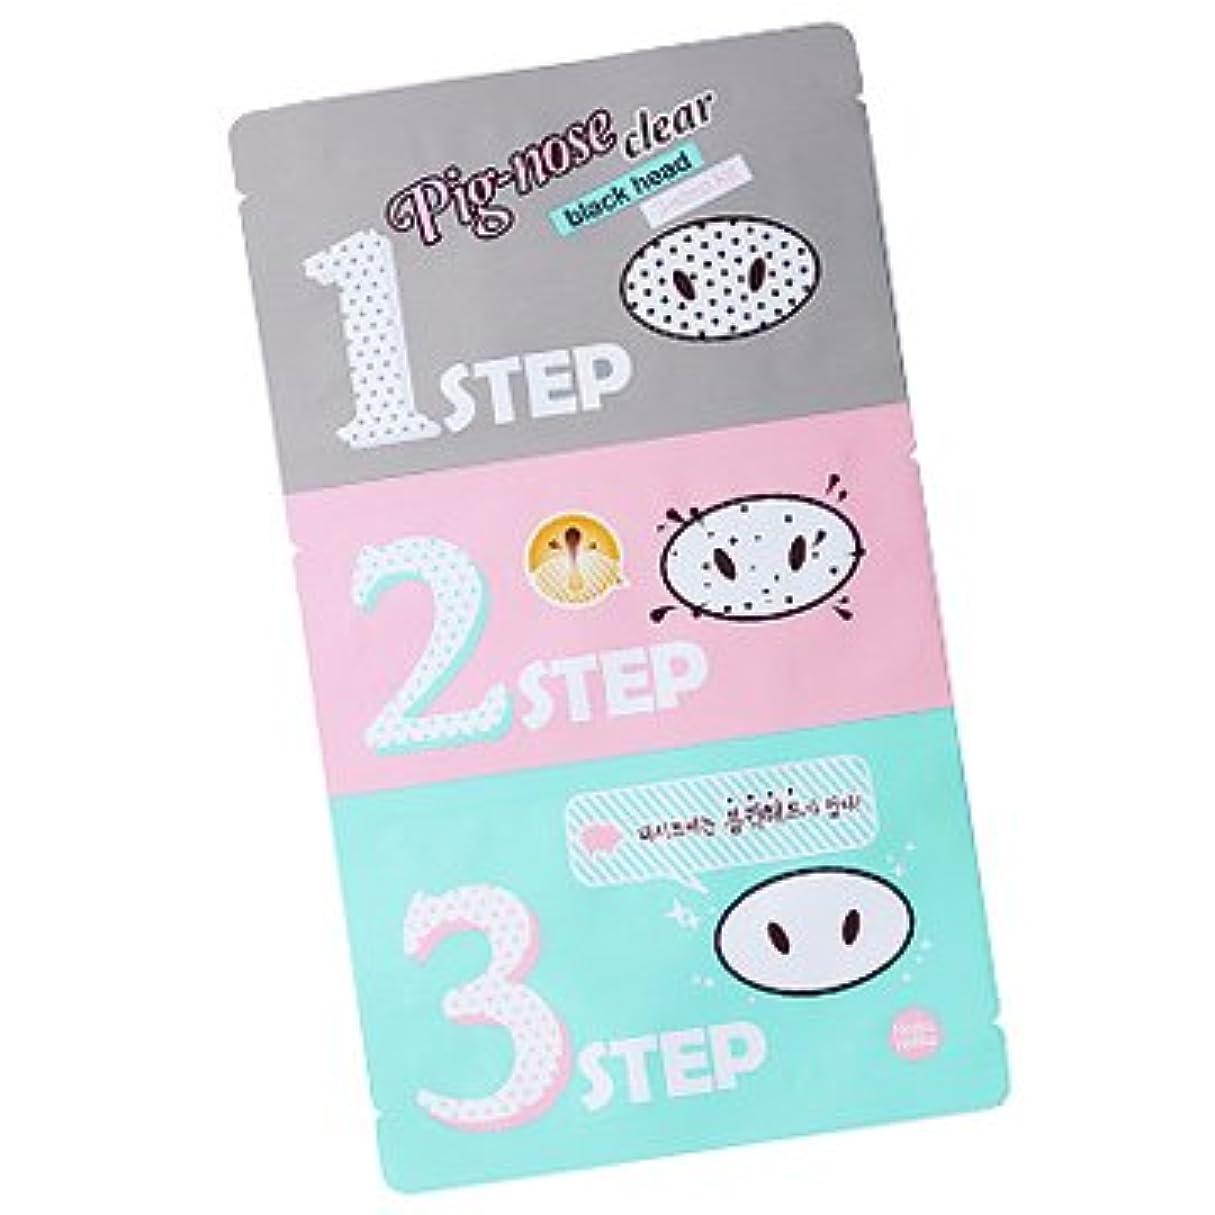 付添人キャップ子音Holika Holika Pig Nose Clear Black Head 3-Step Kit 10EA (Nose Pack) ホリカホリカ ピグノーズクリアブラックヘッド3-Stepキット(鼻パック) 10pcs...